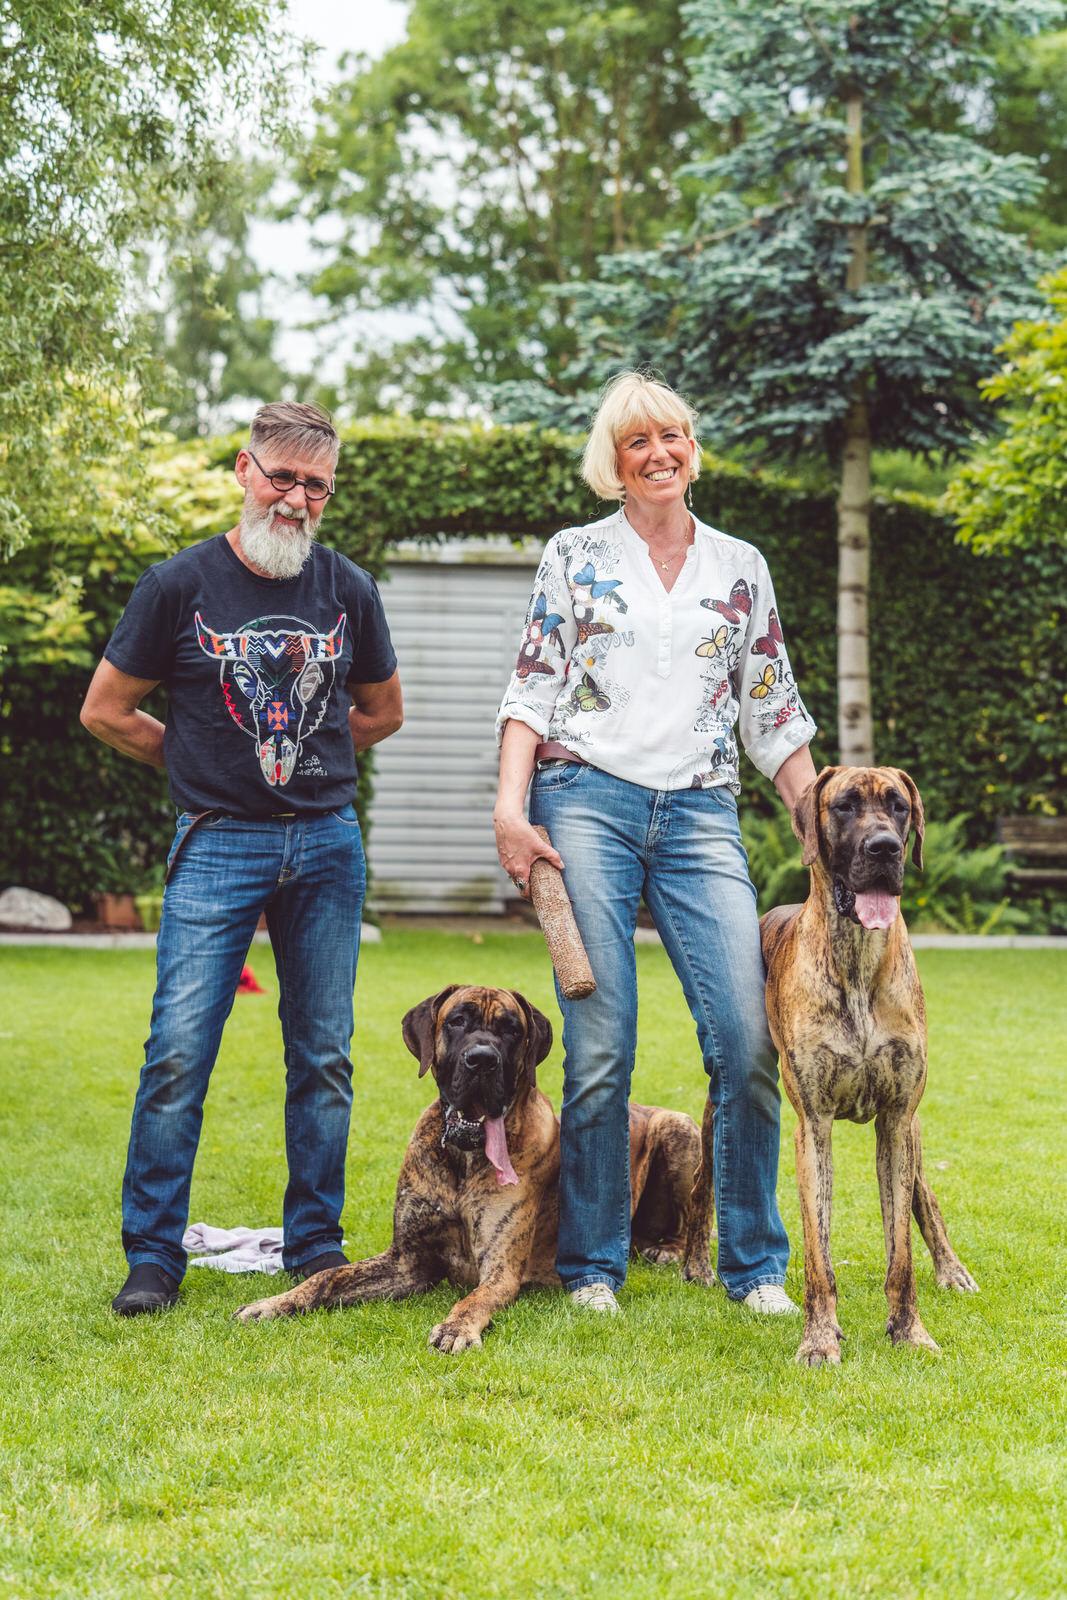 hondenportret familie lacht